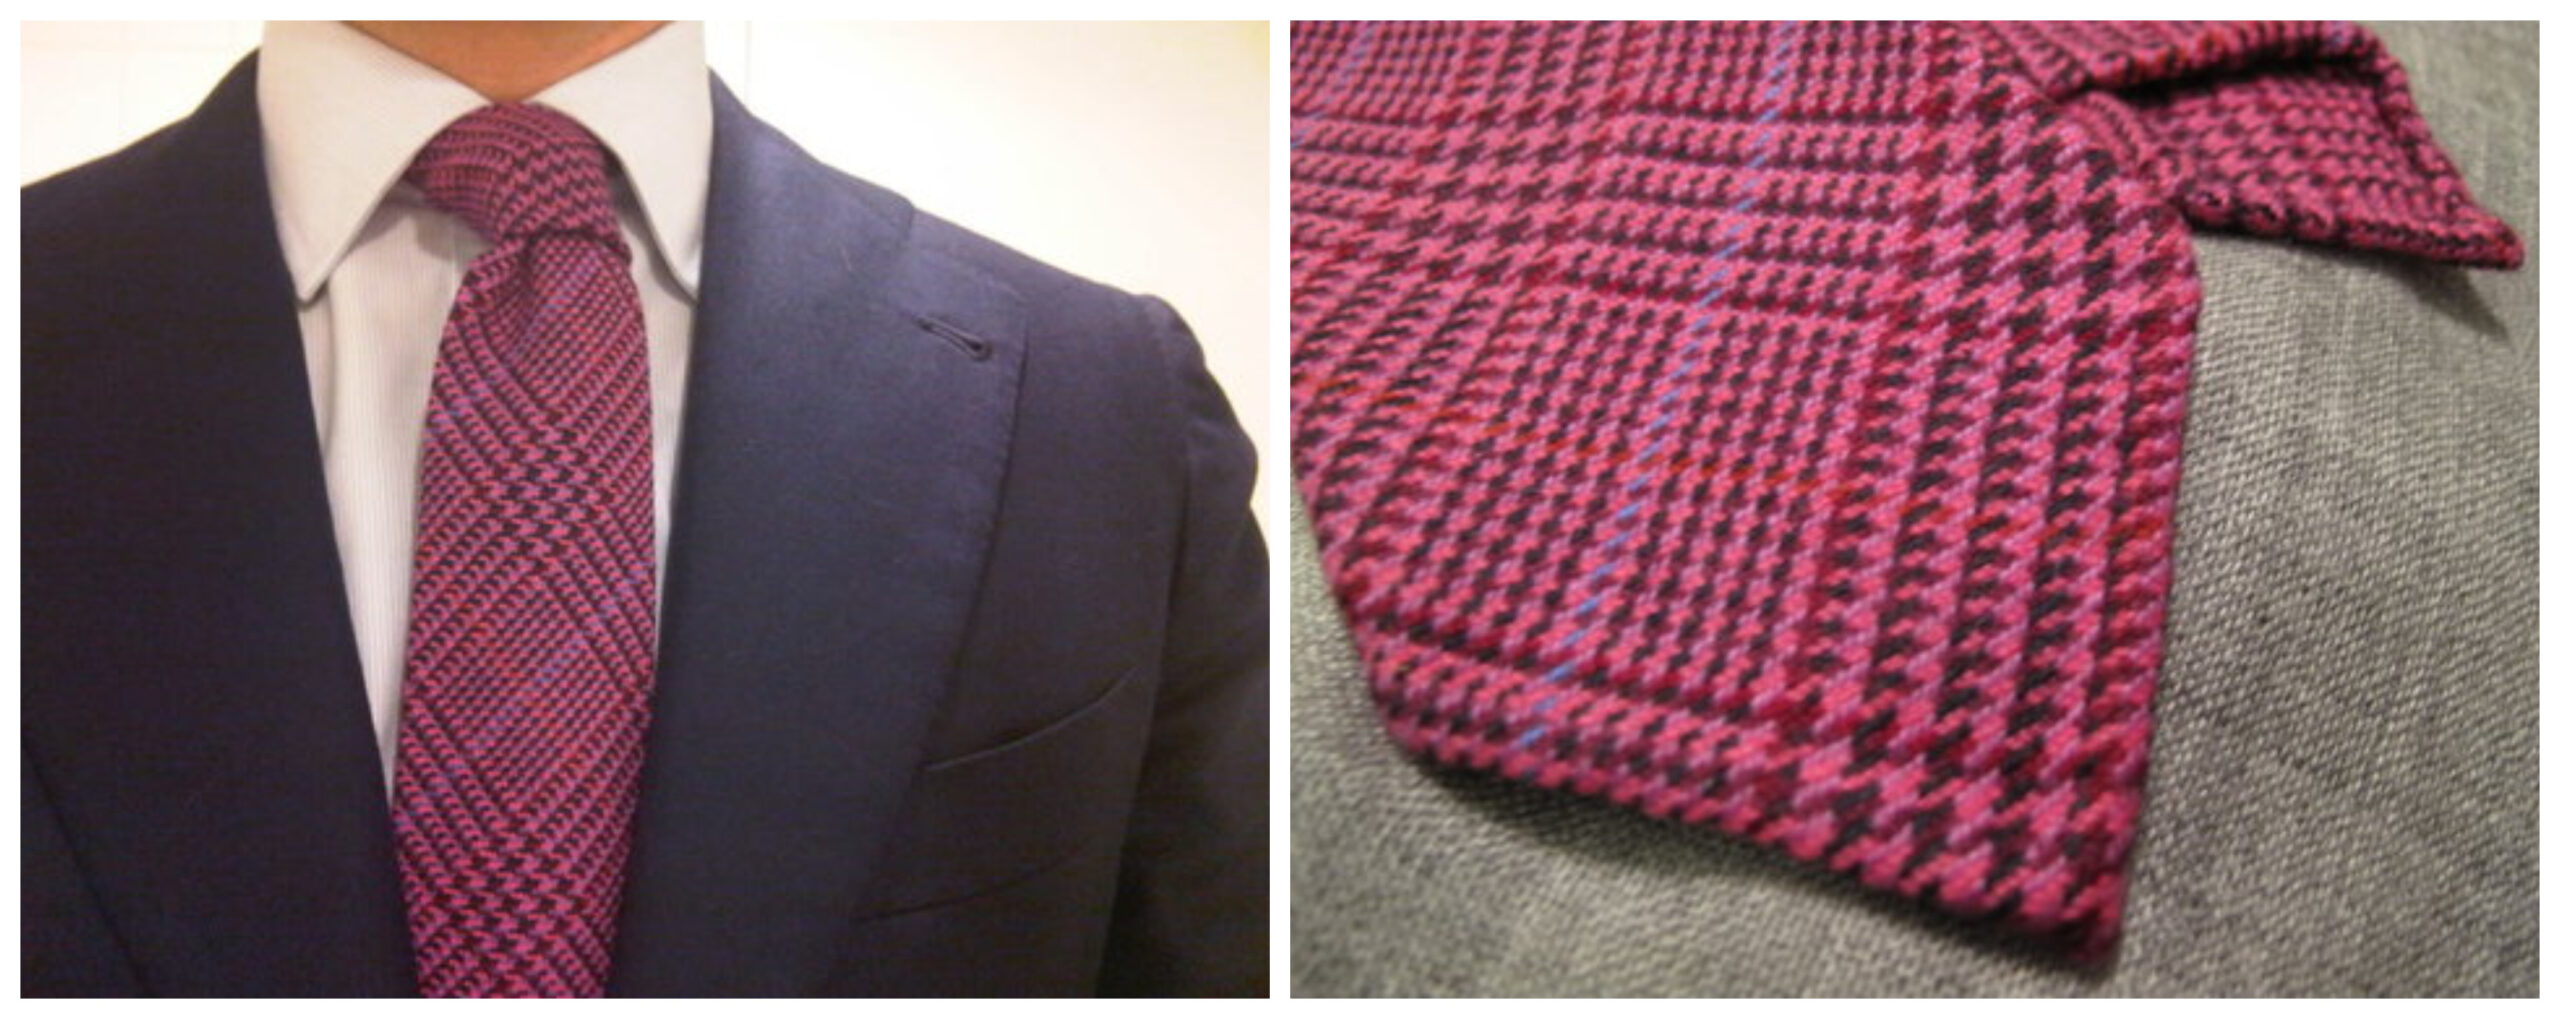 Cette cravate de Passaggio a été l'une des premières réalisations de la marque et a été fabriquée avec un tissu volé chez Cappelli. (Source: Dessedwell)